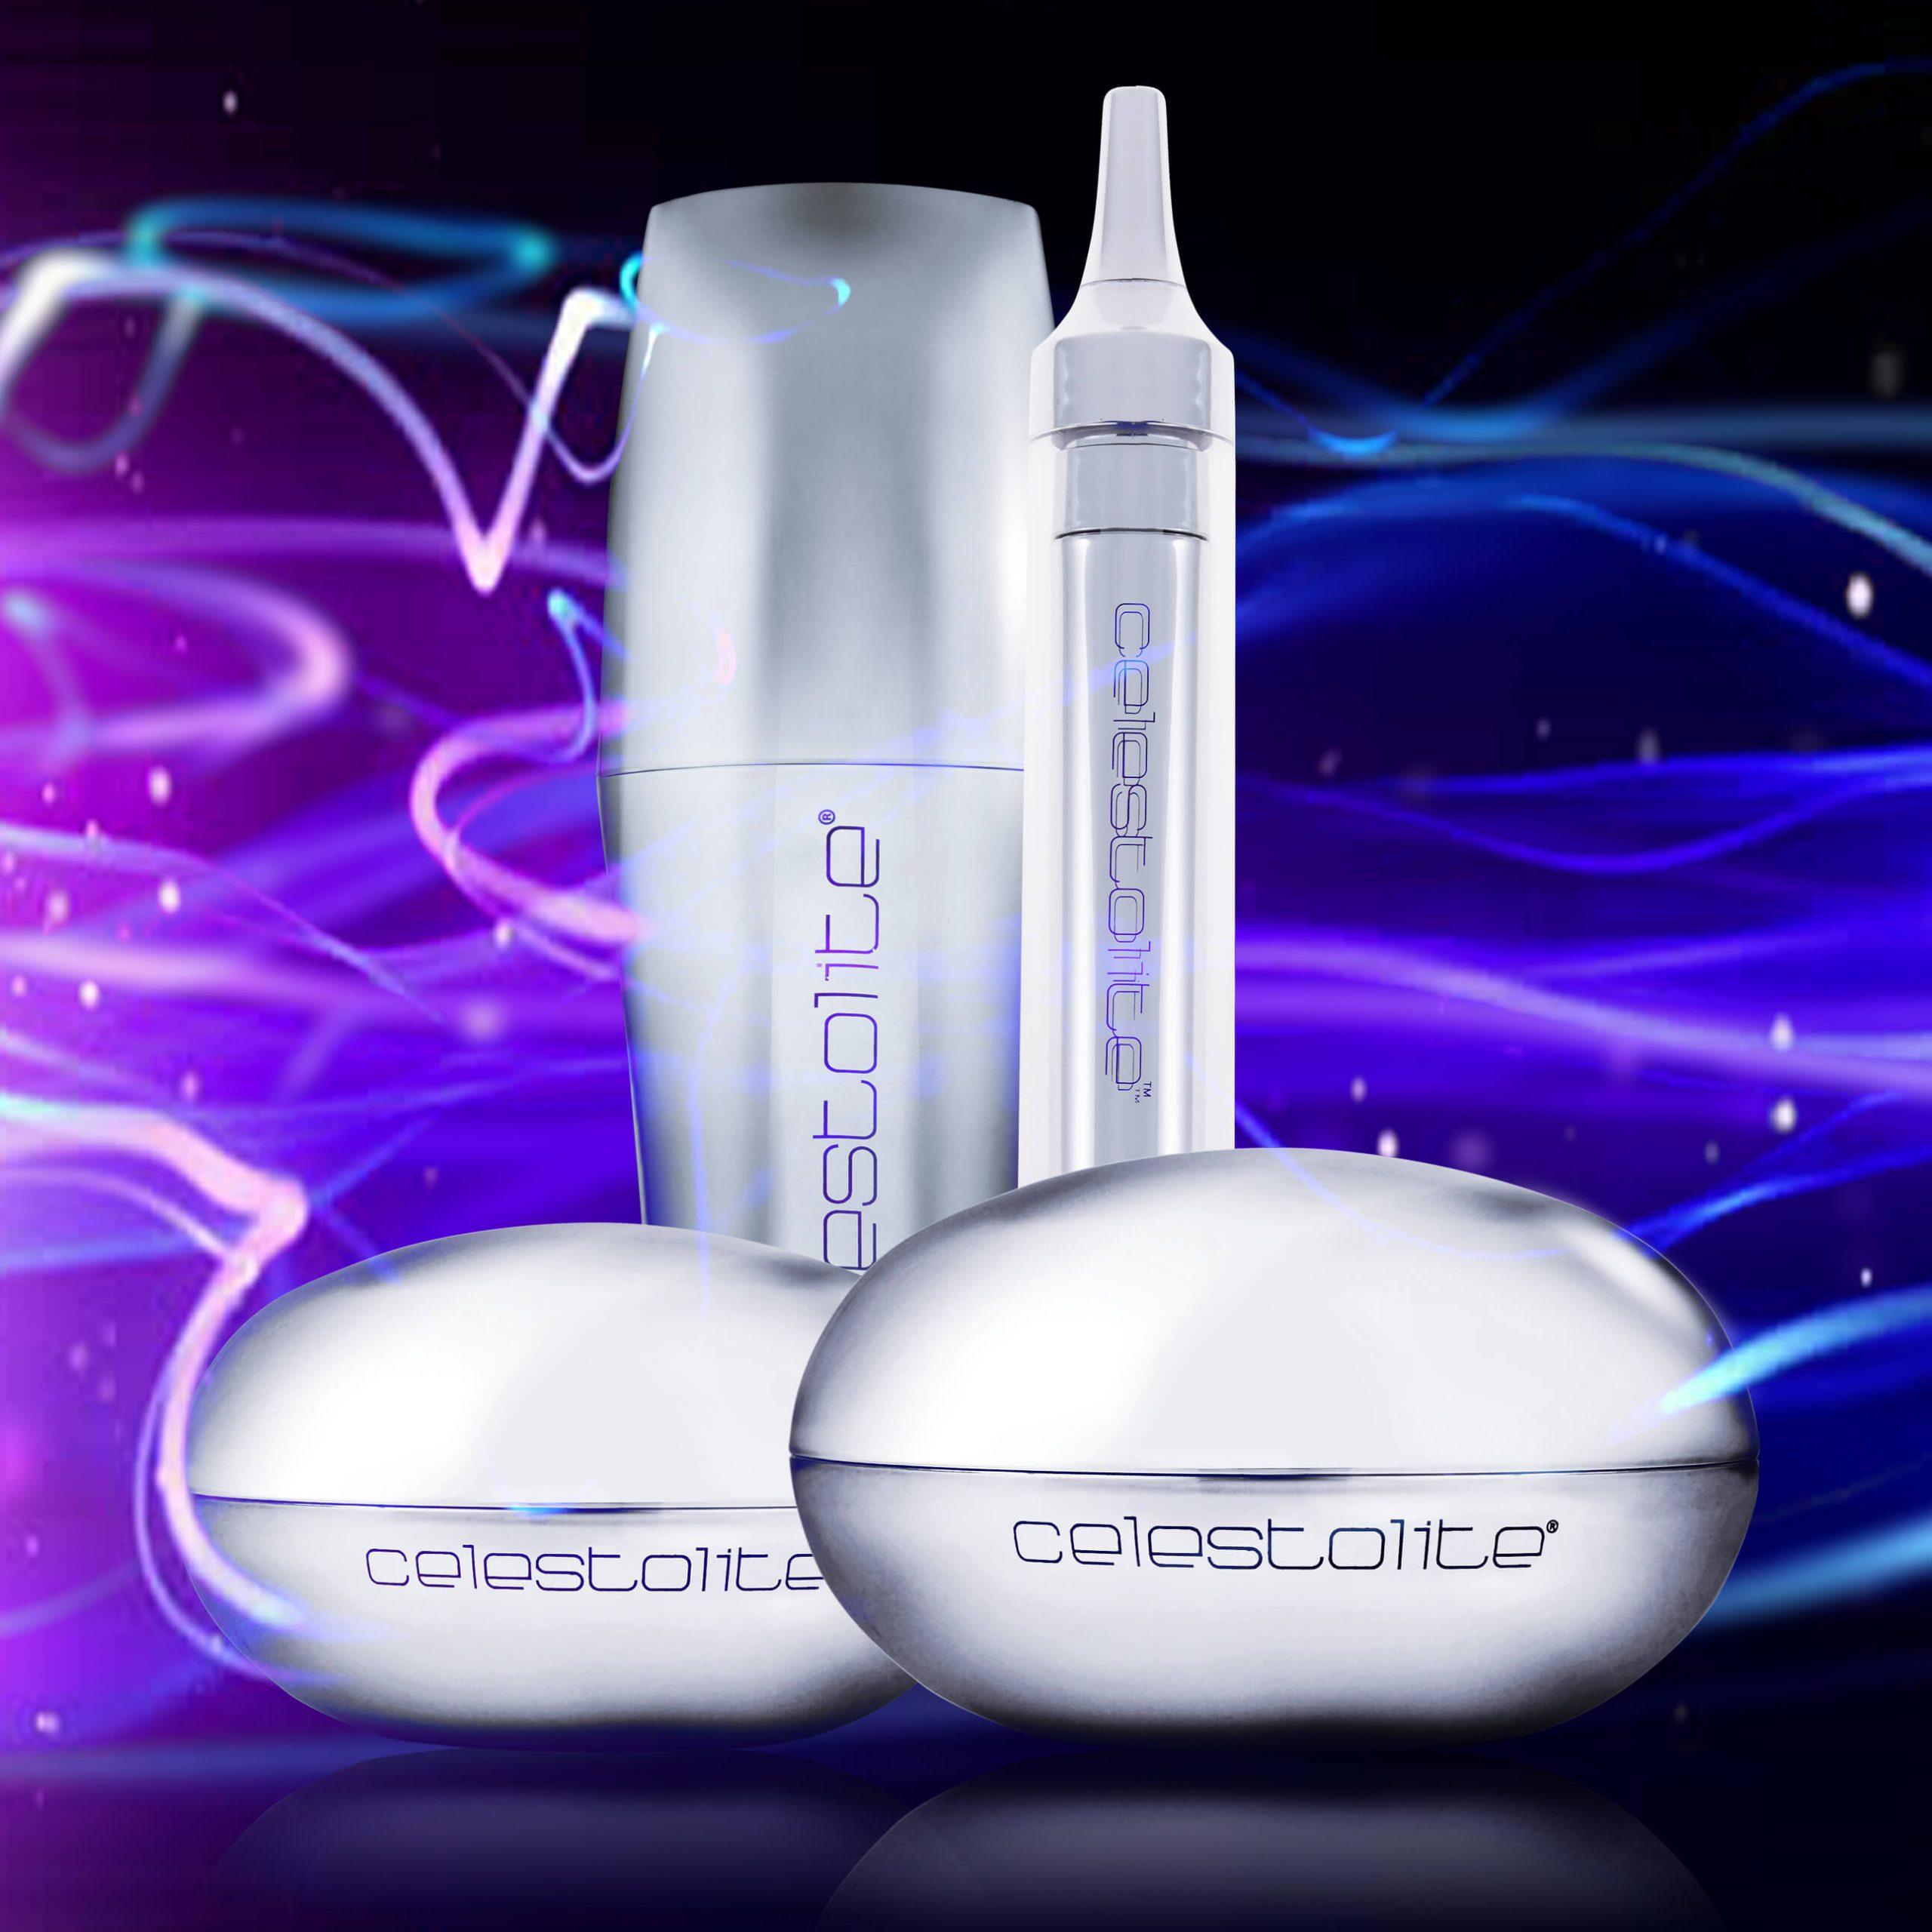 Celestolite products